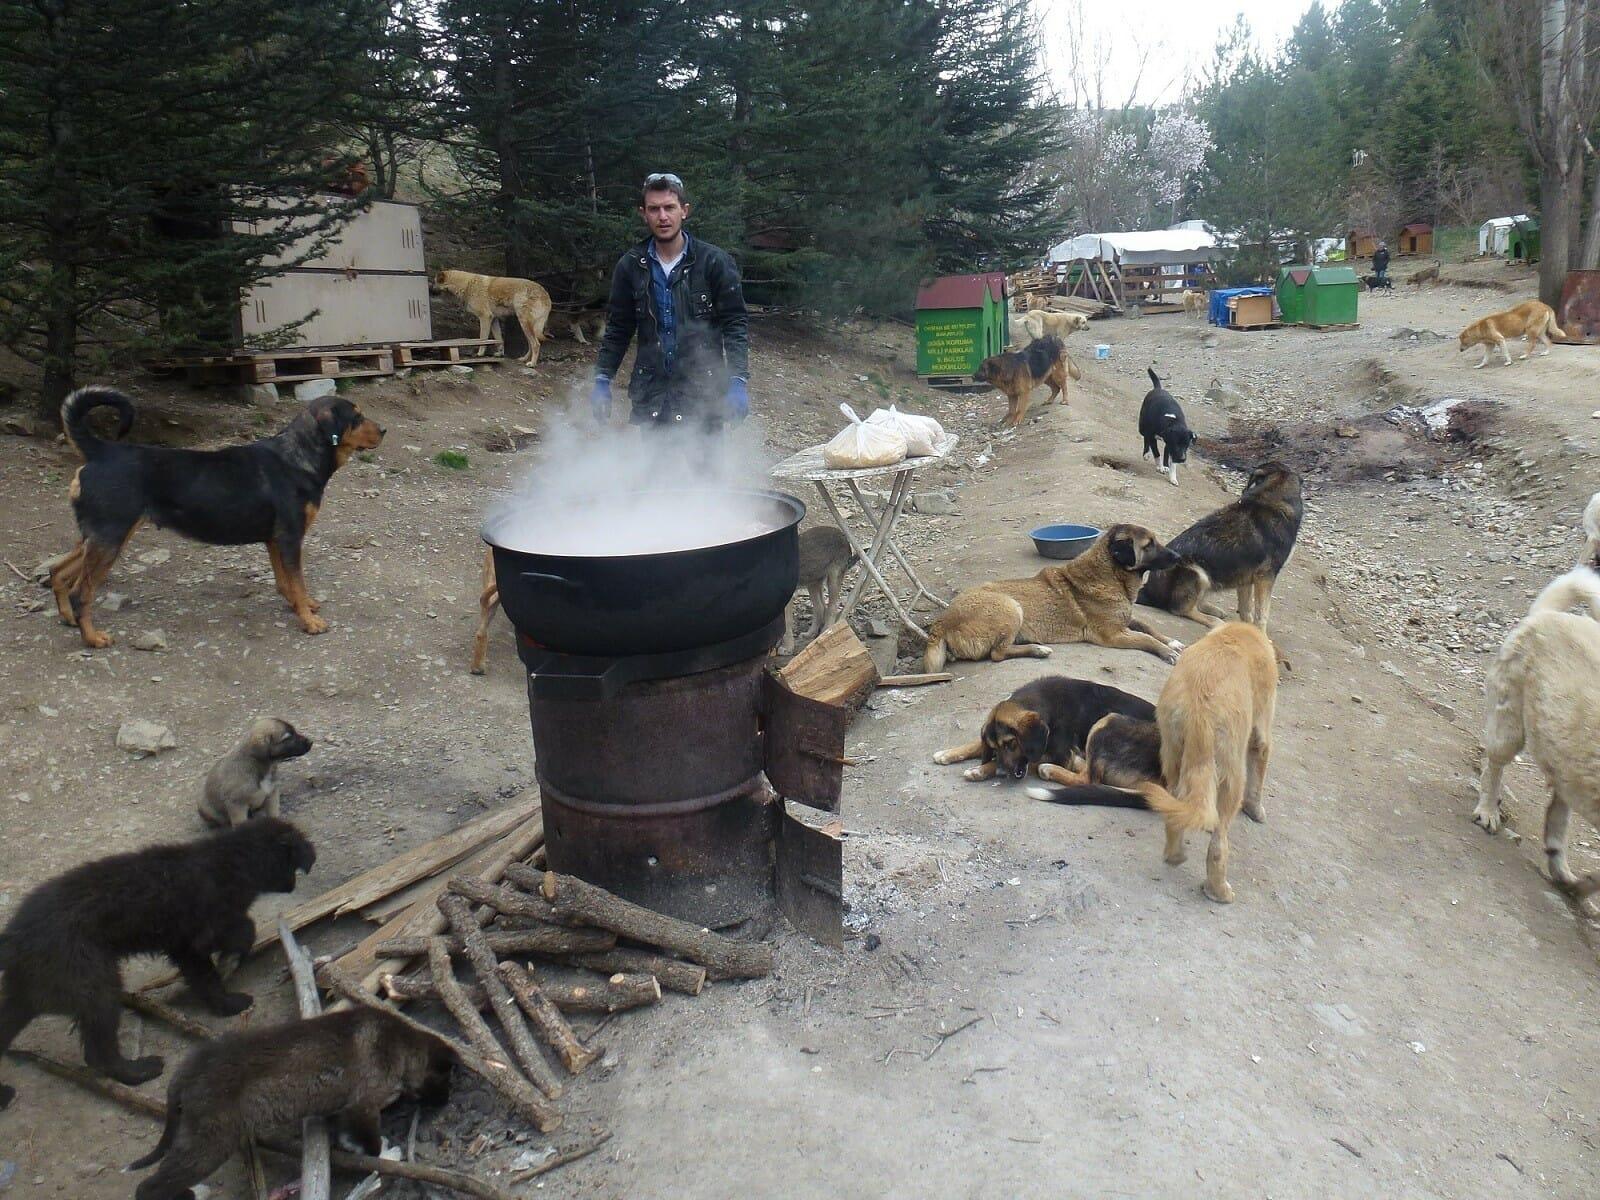 """34253 20170411aw036928 07 - """"باتي بارك"""".. مأوى يعتني بـ 500 كلب ضال في أنقرة"""